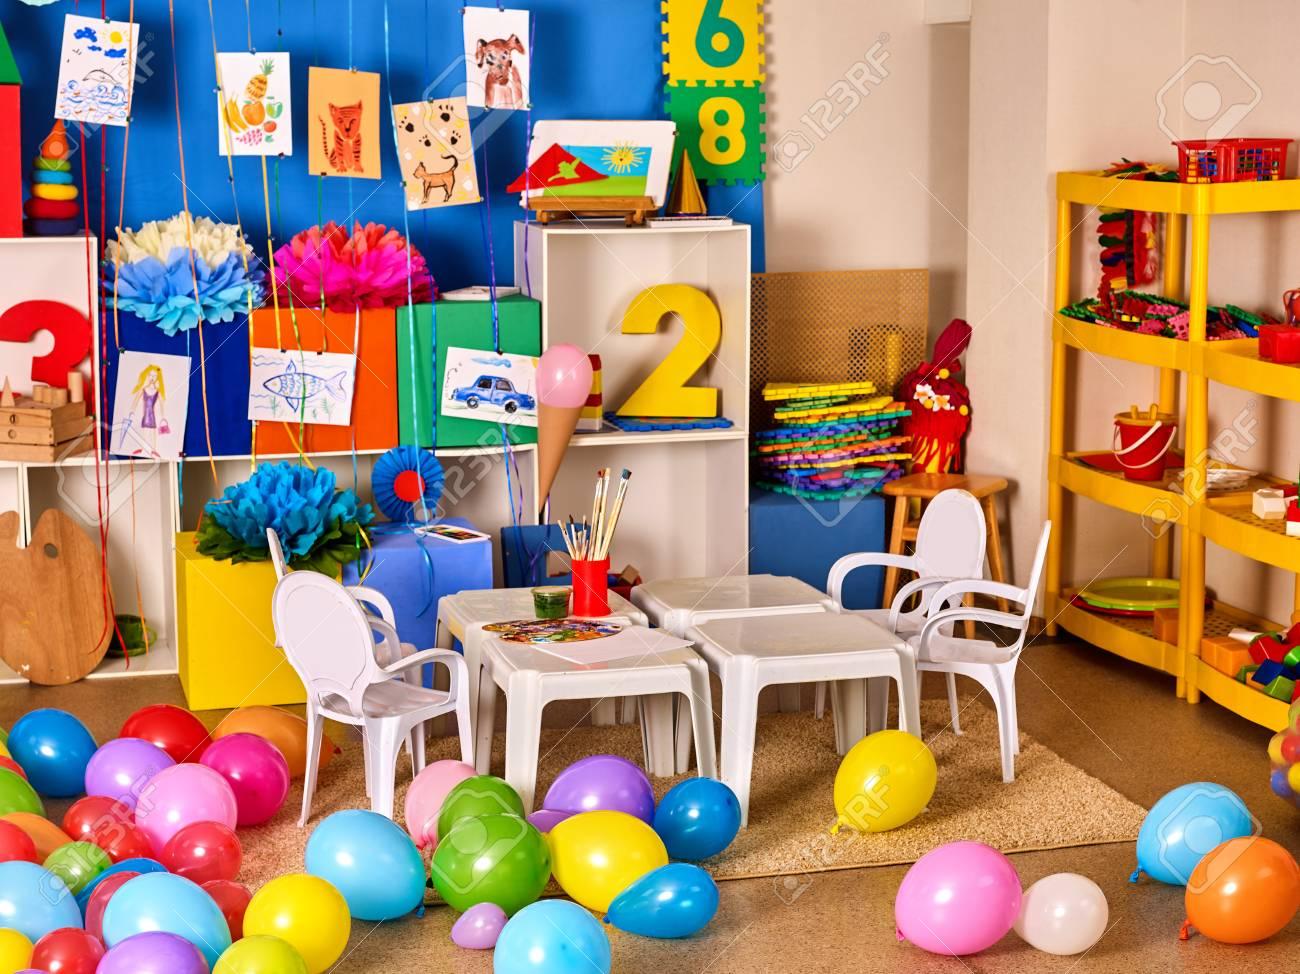 Décor Salle De Jeux maternelle décoration intérieure enfant photo sur le mur. classe  préscolaire en attente des enfants. ballons de couleur sur le sol. salle de  jeux avec